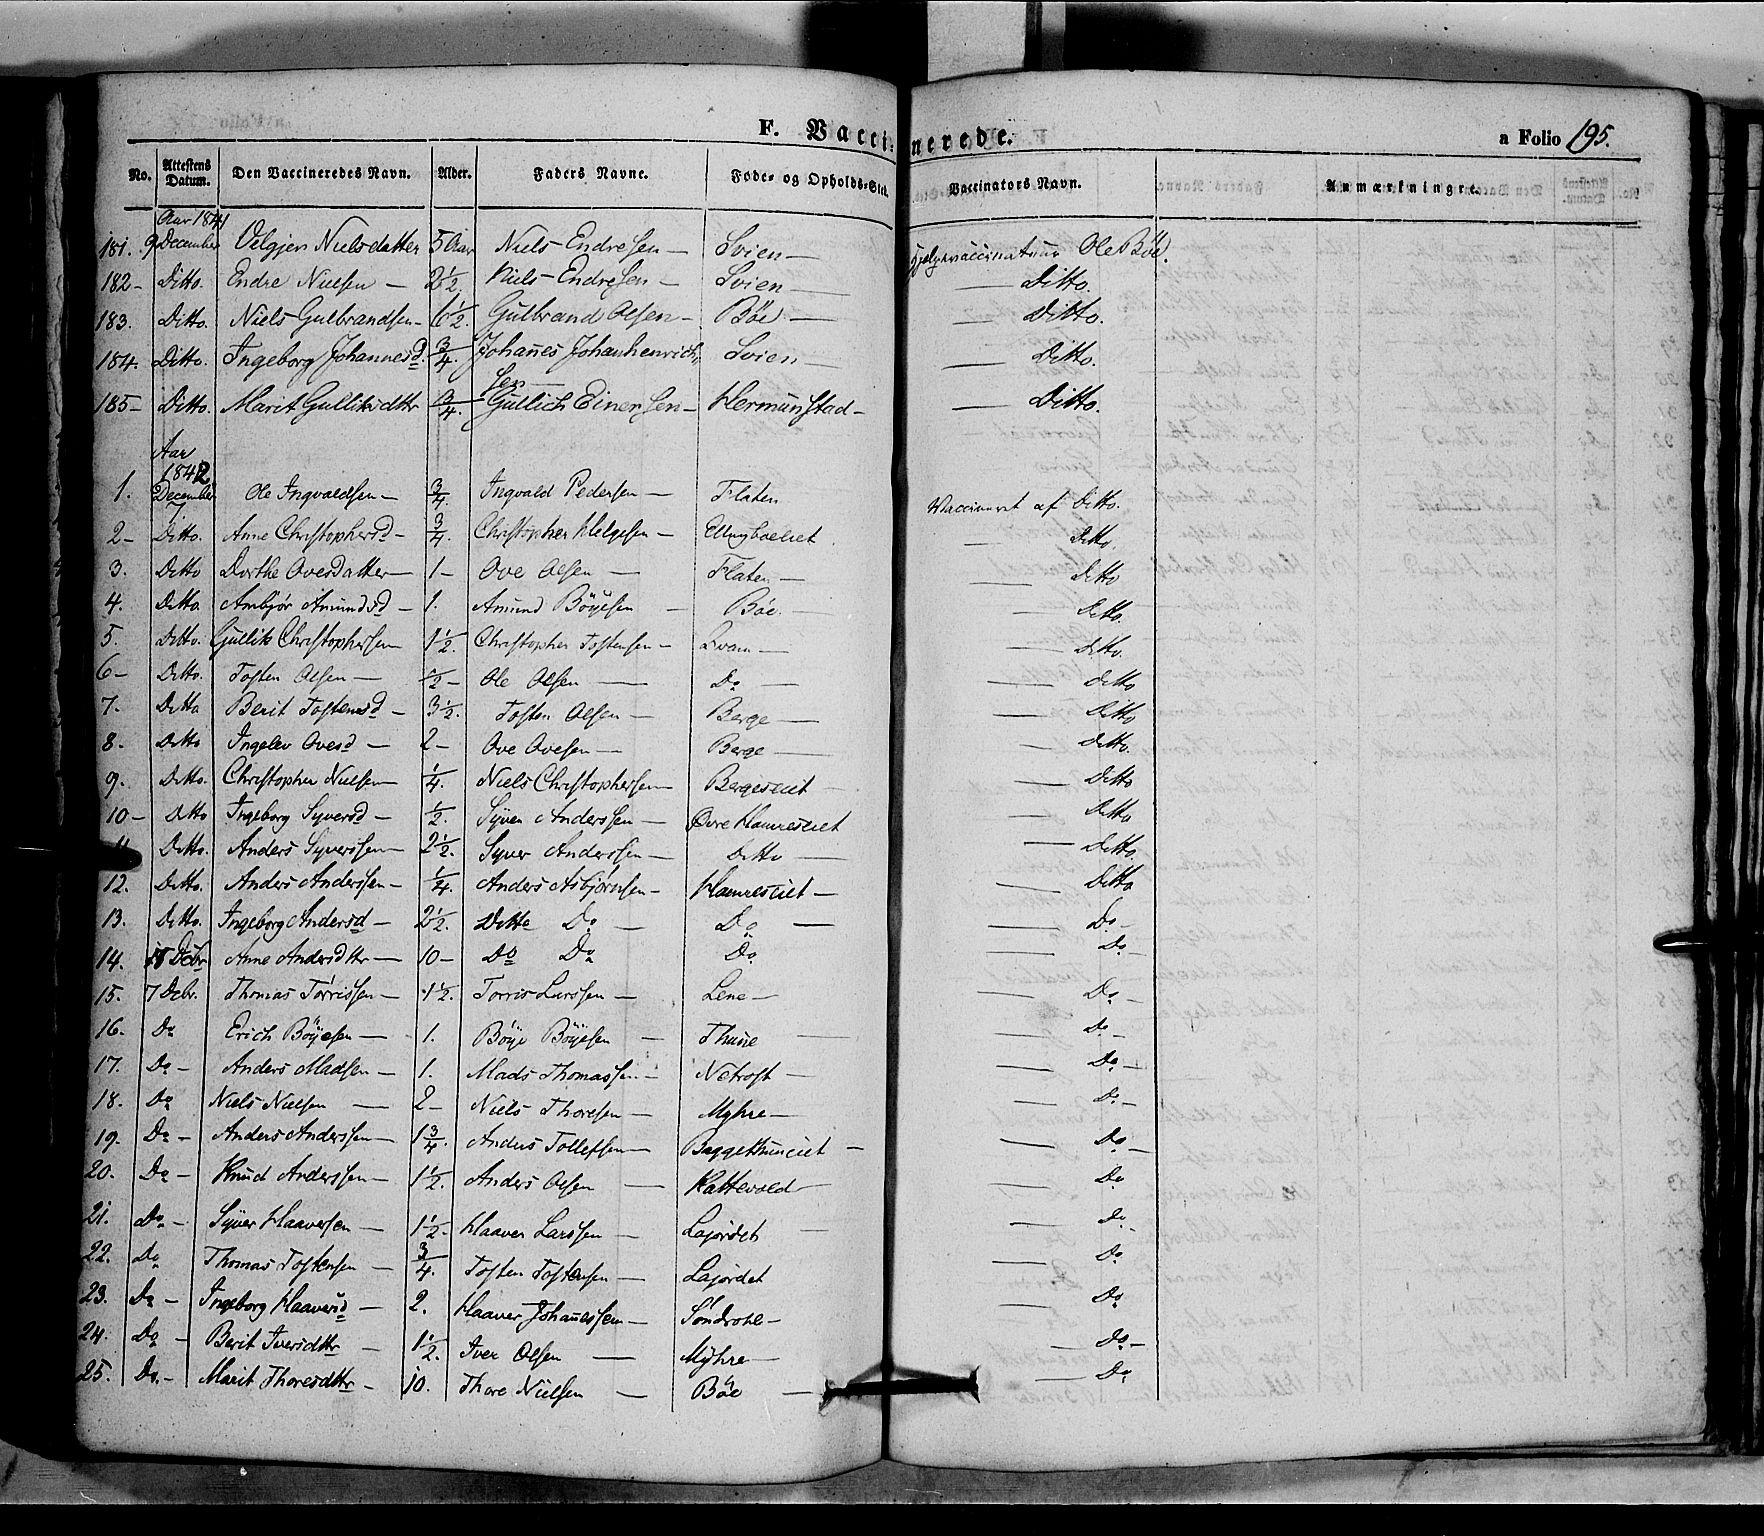 SAH, Vang prestekontor, Valdres, Ministerialbok nr. 5, 1831-1845, s. 195